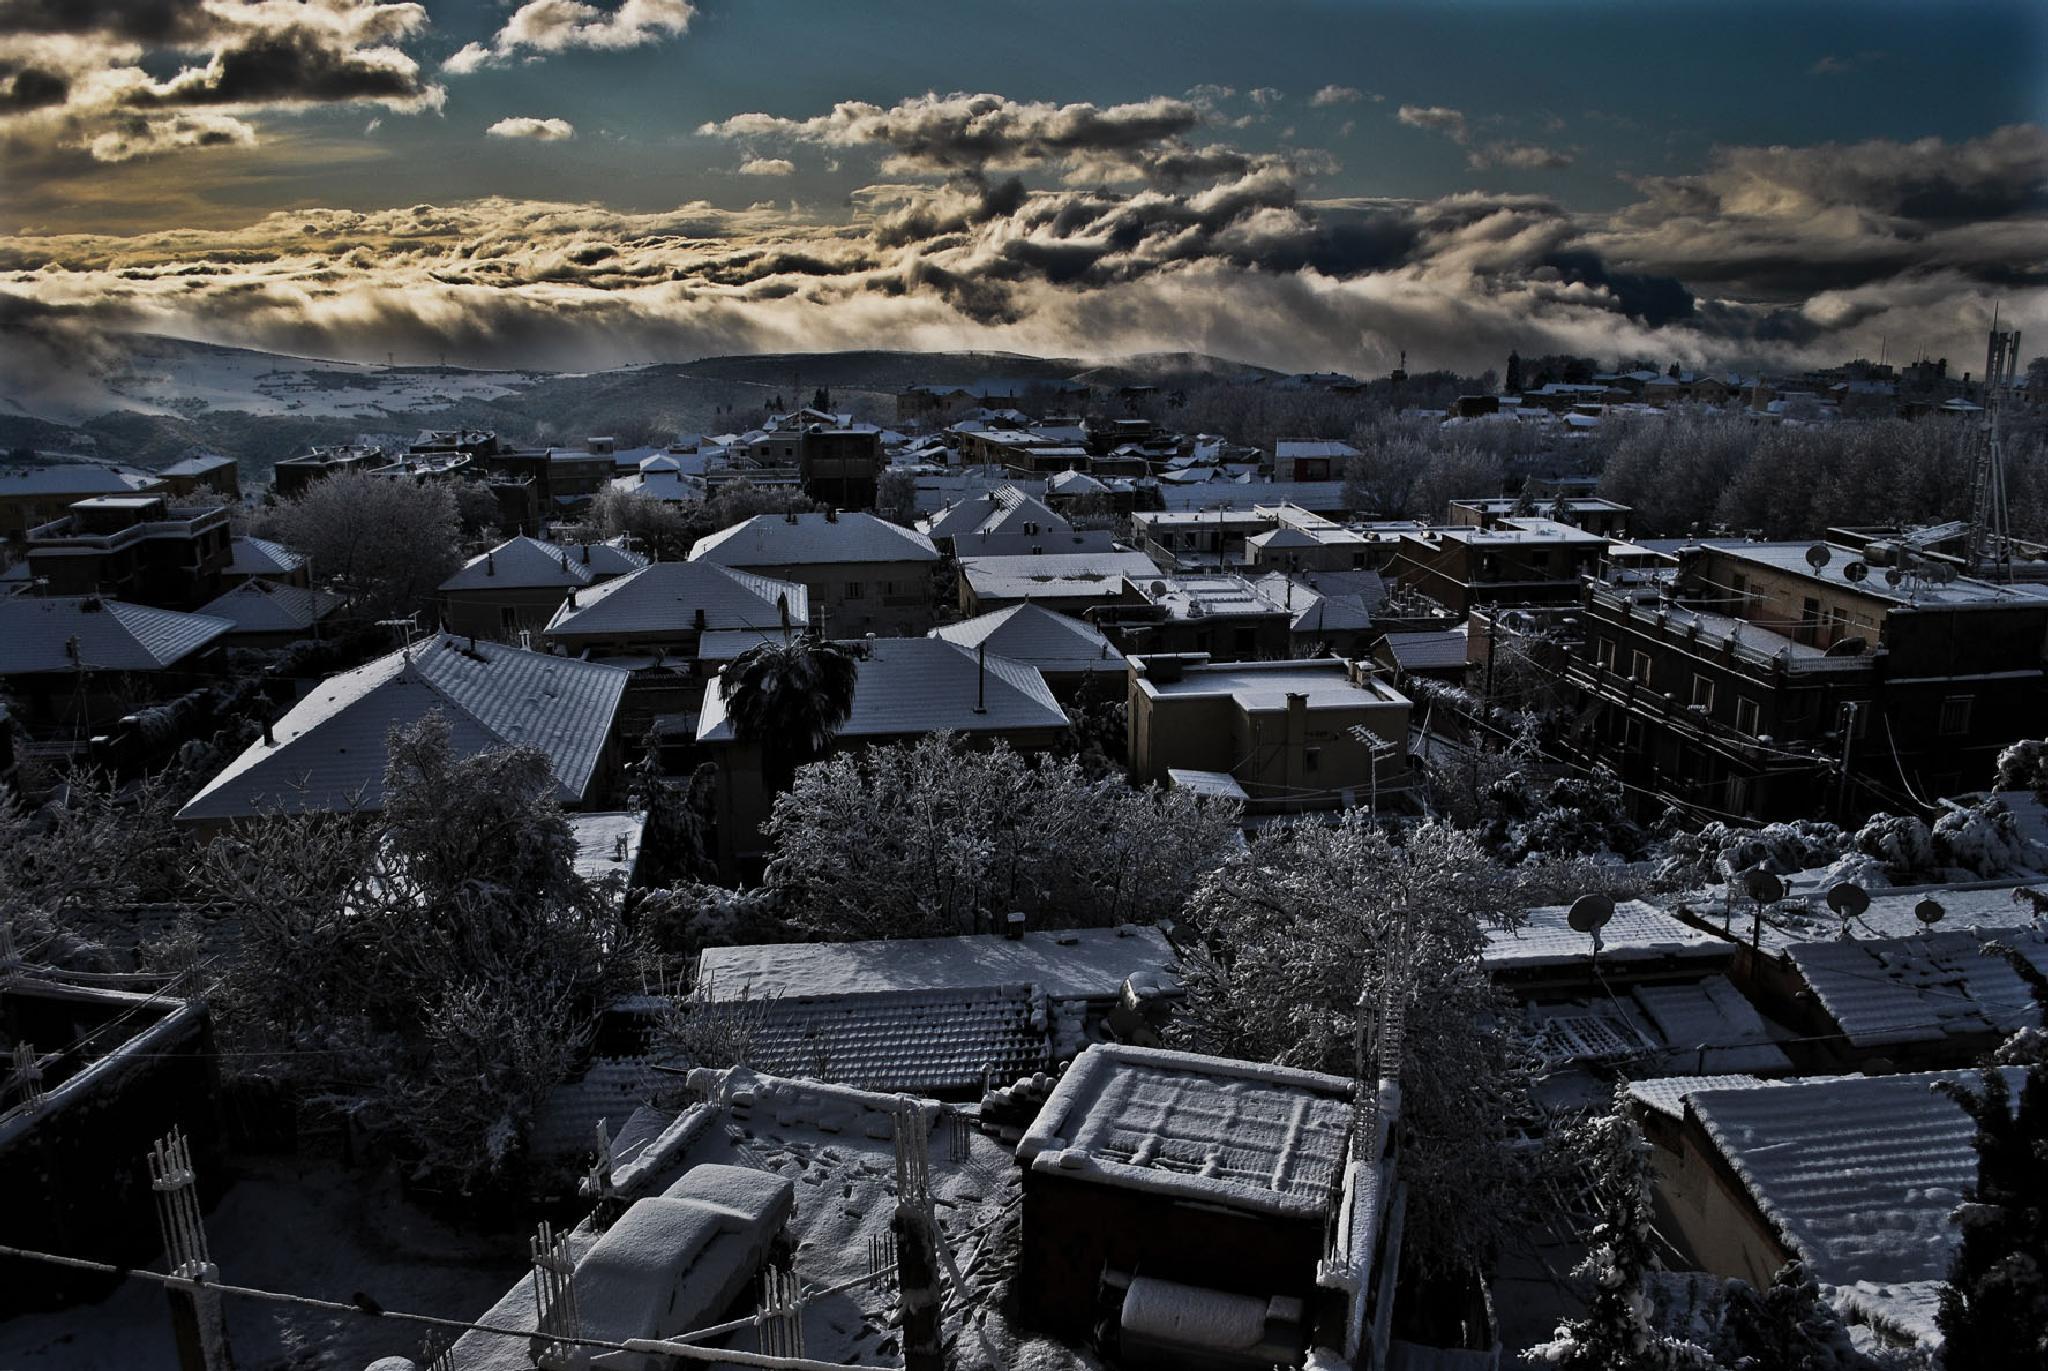 Miliana city by kamoononthemoon